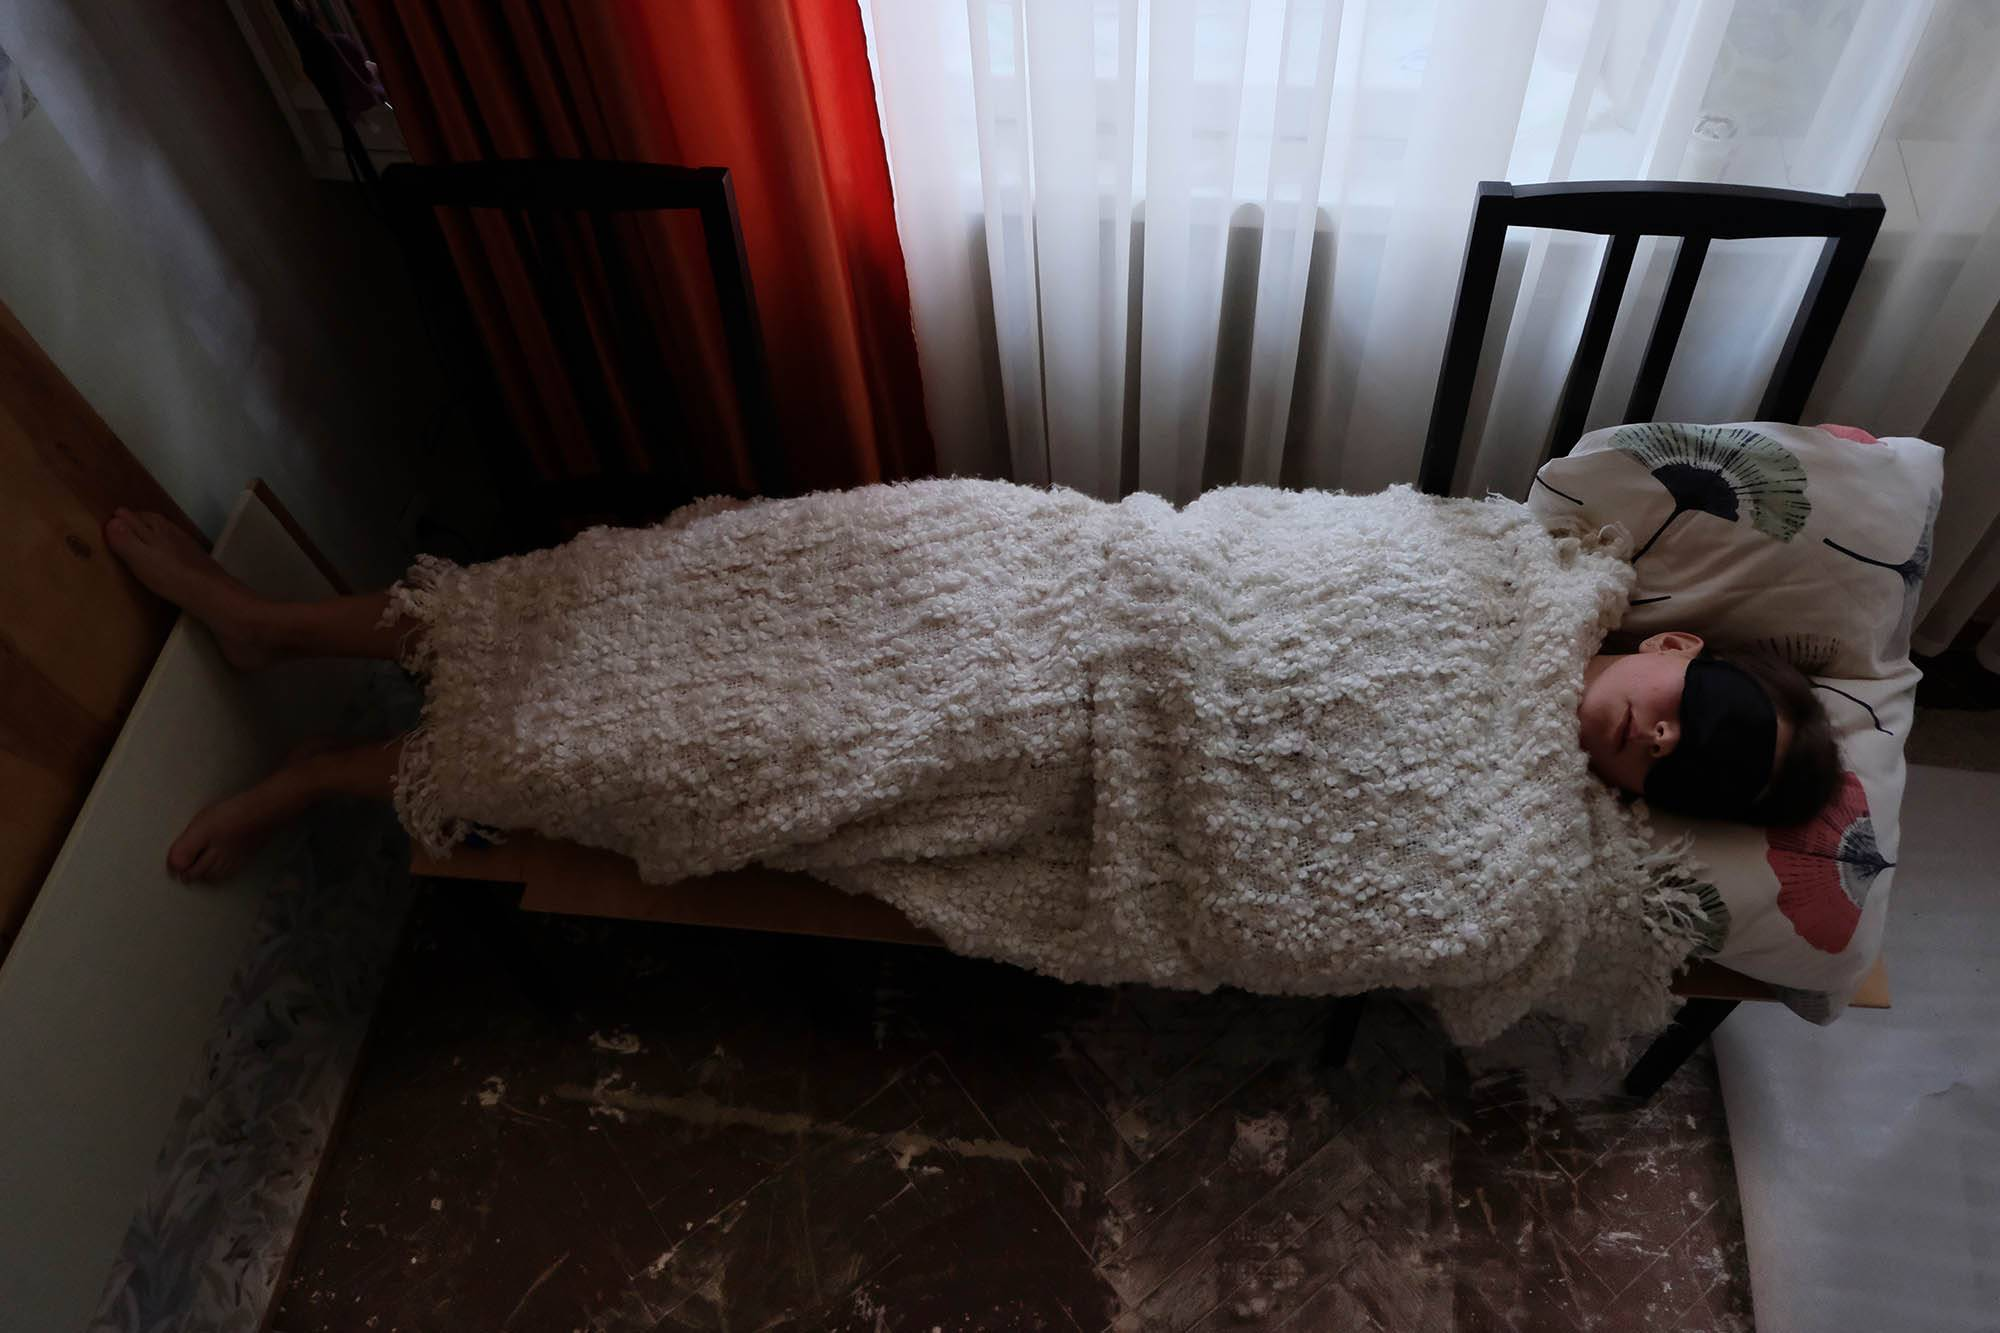 Поможет ли уксус избавиться от постельных клопов